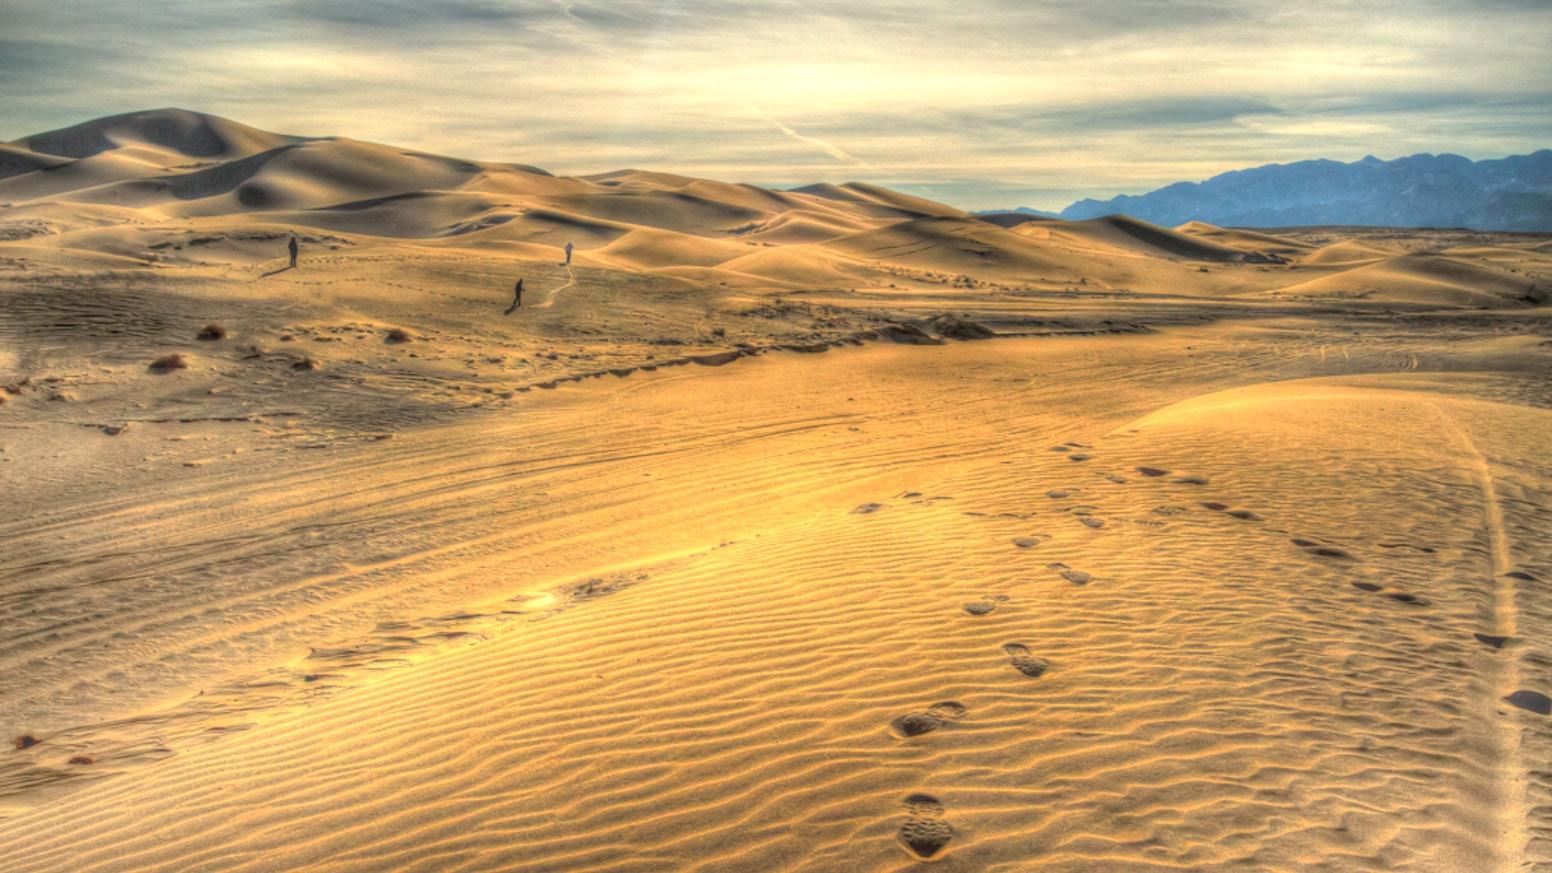 The Gobi Desert, Best Served Cold by Chris T. Hodgson ...